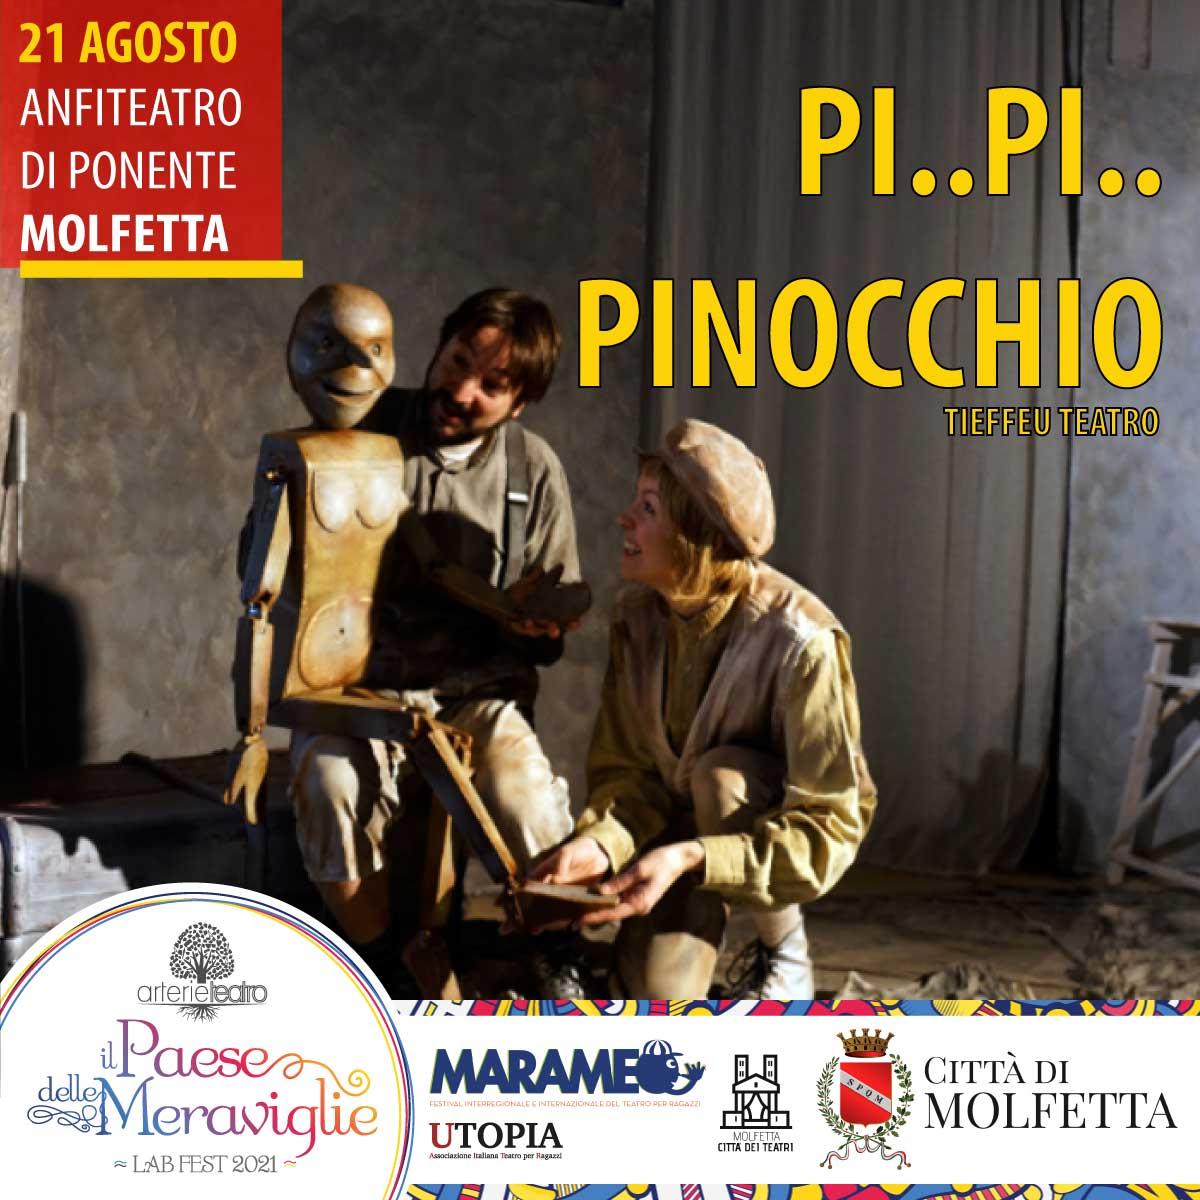 Il Paese delle Meraviglie 2021 - Pi..Pi..Pinocchio